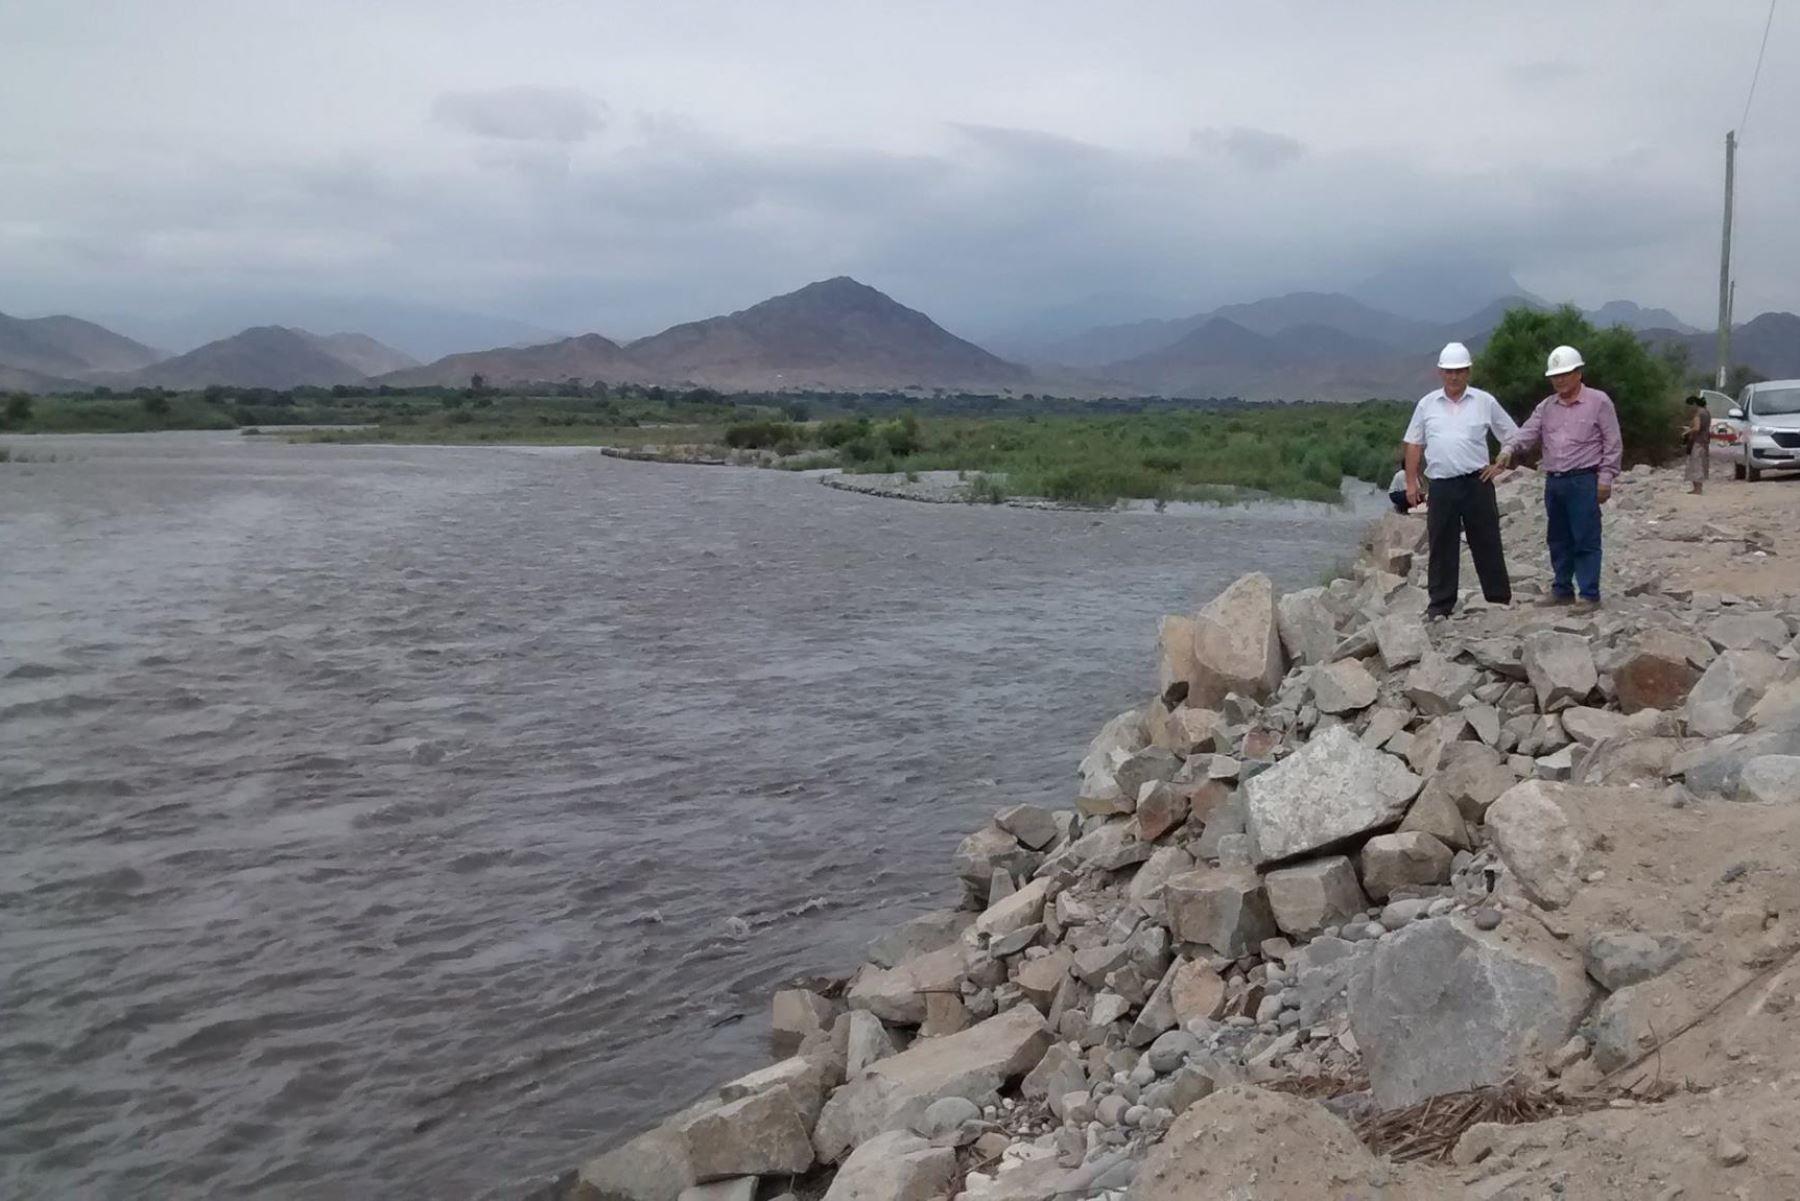 El caudal del Santa, el río principal de Áncash, alcanzó este mediodía los 396.5 metros cúbicos por segundo. Foto: ANDINA/Gonzalo Horna